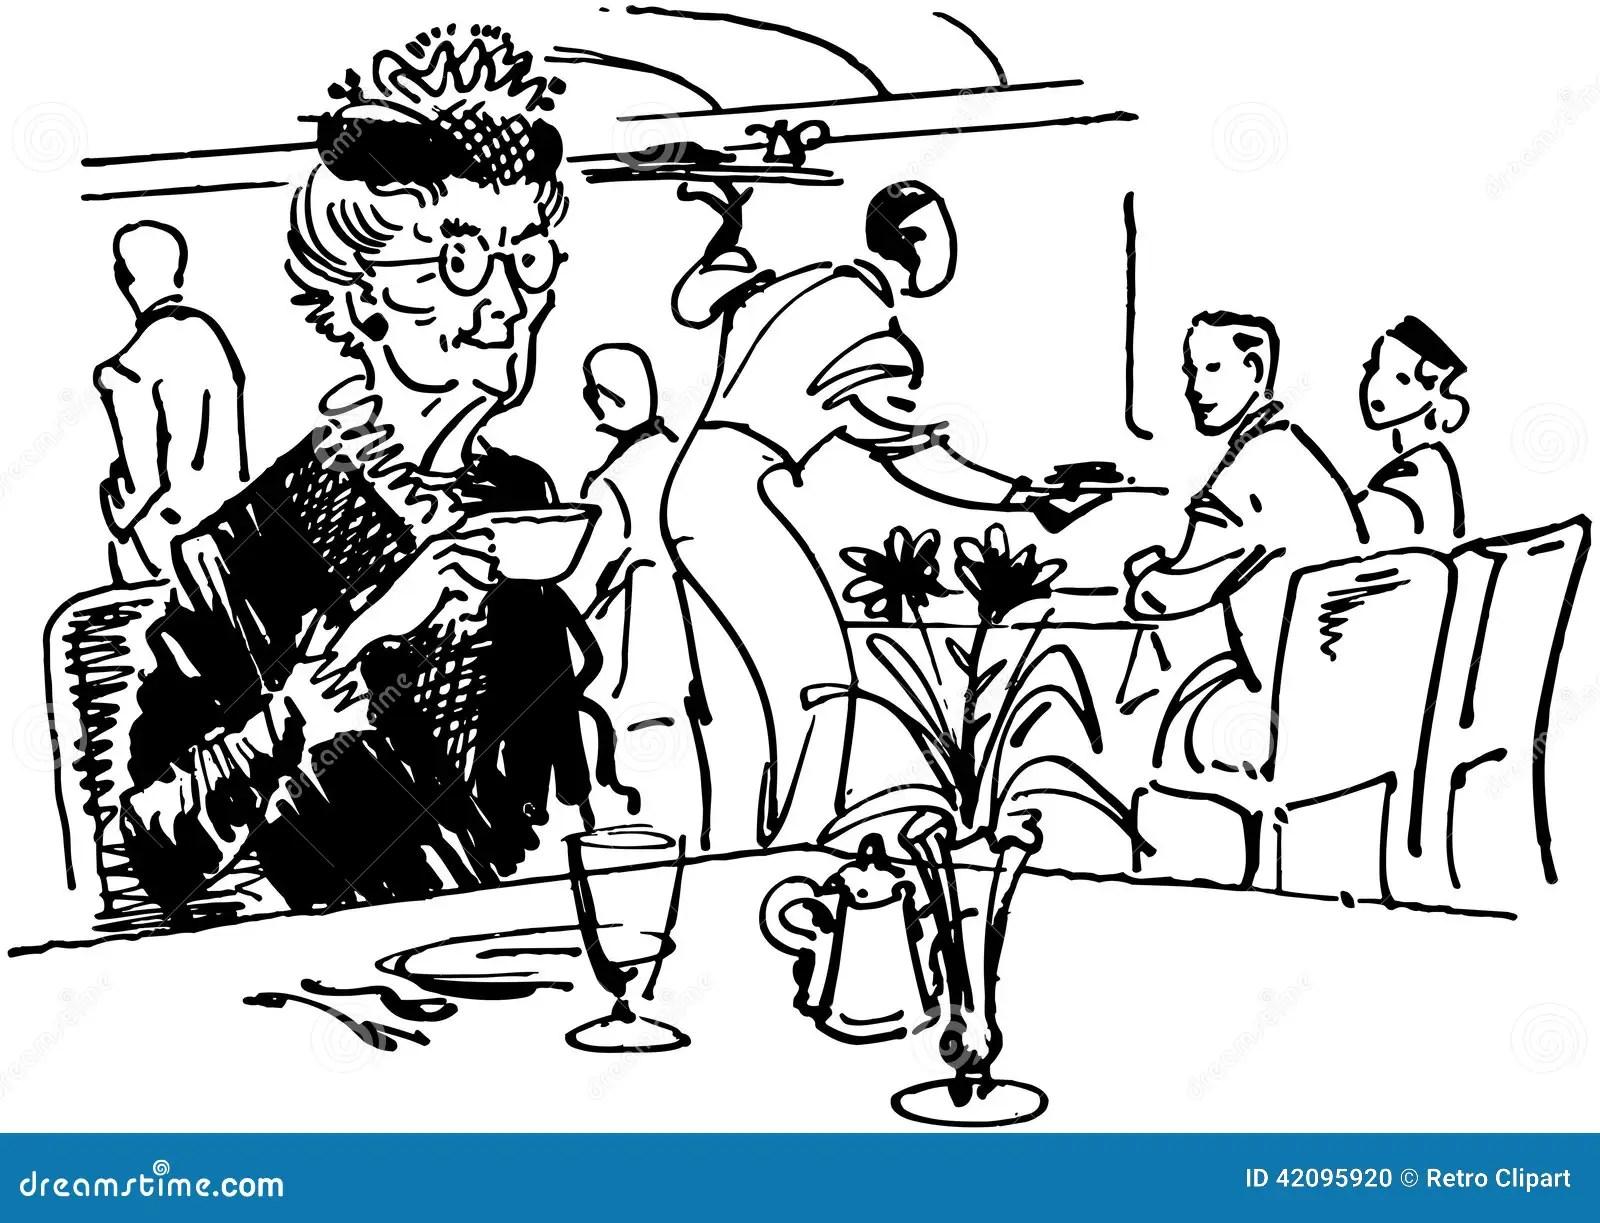 Tea Granny Cartoons Illustrations Amp Vector Stock Images